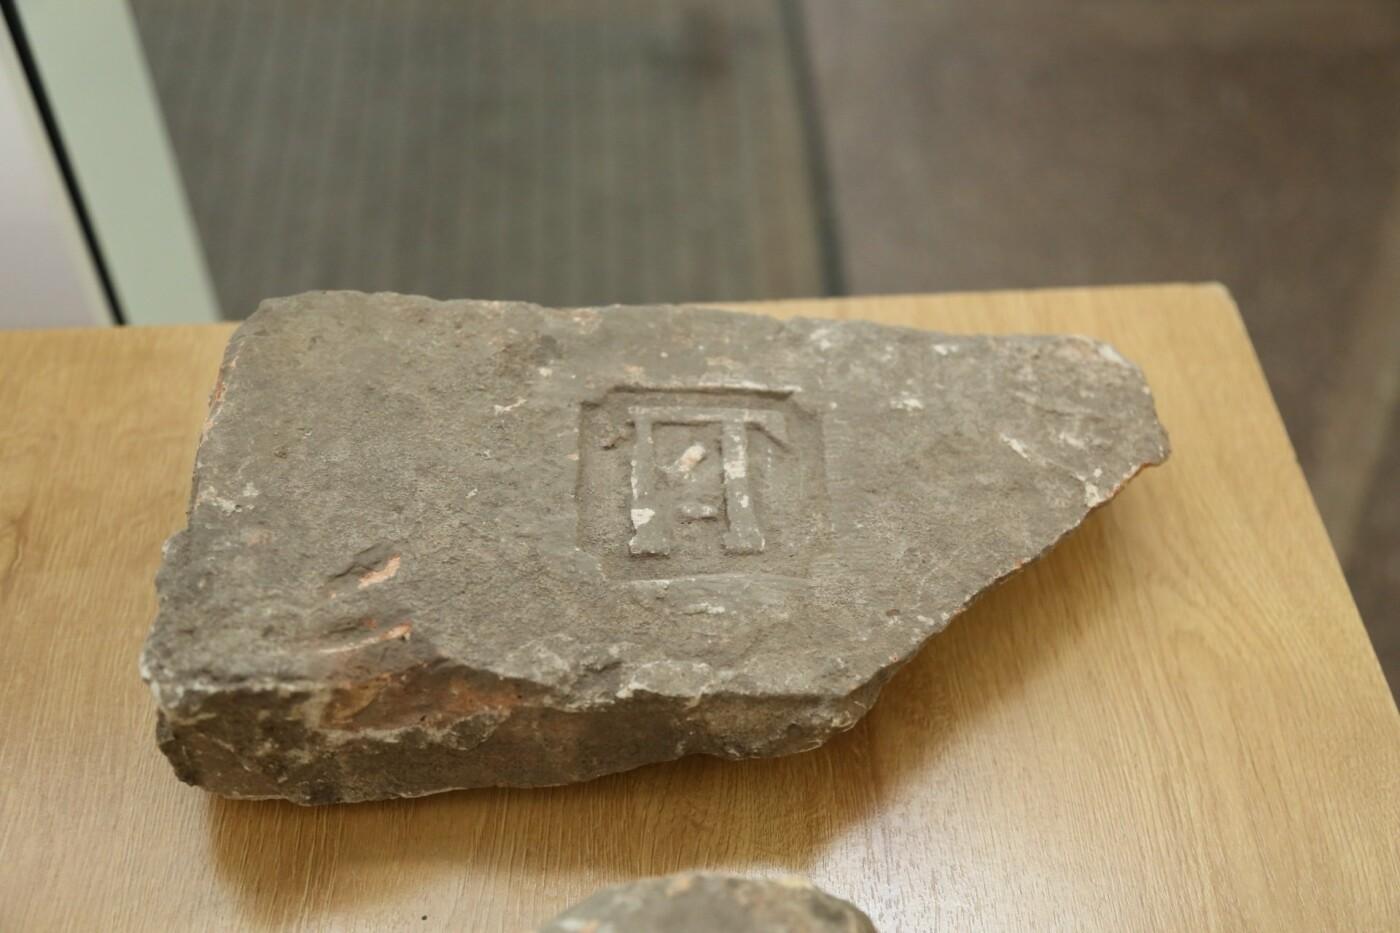 В Днепре продемонстрировали артефакты с раскопок церкви Лазаря, - ФОТО, фото-5